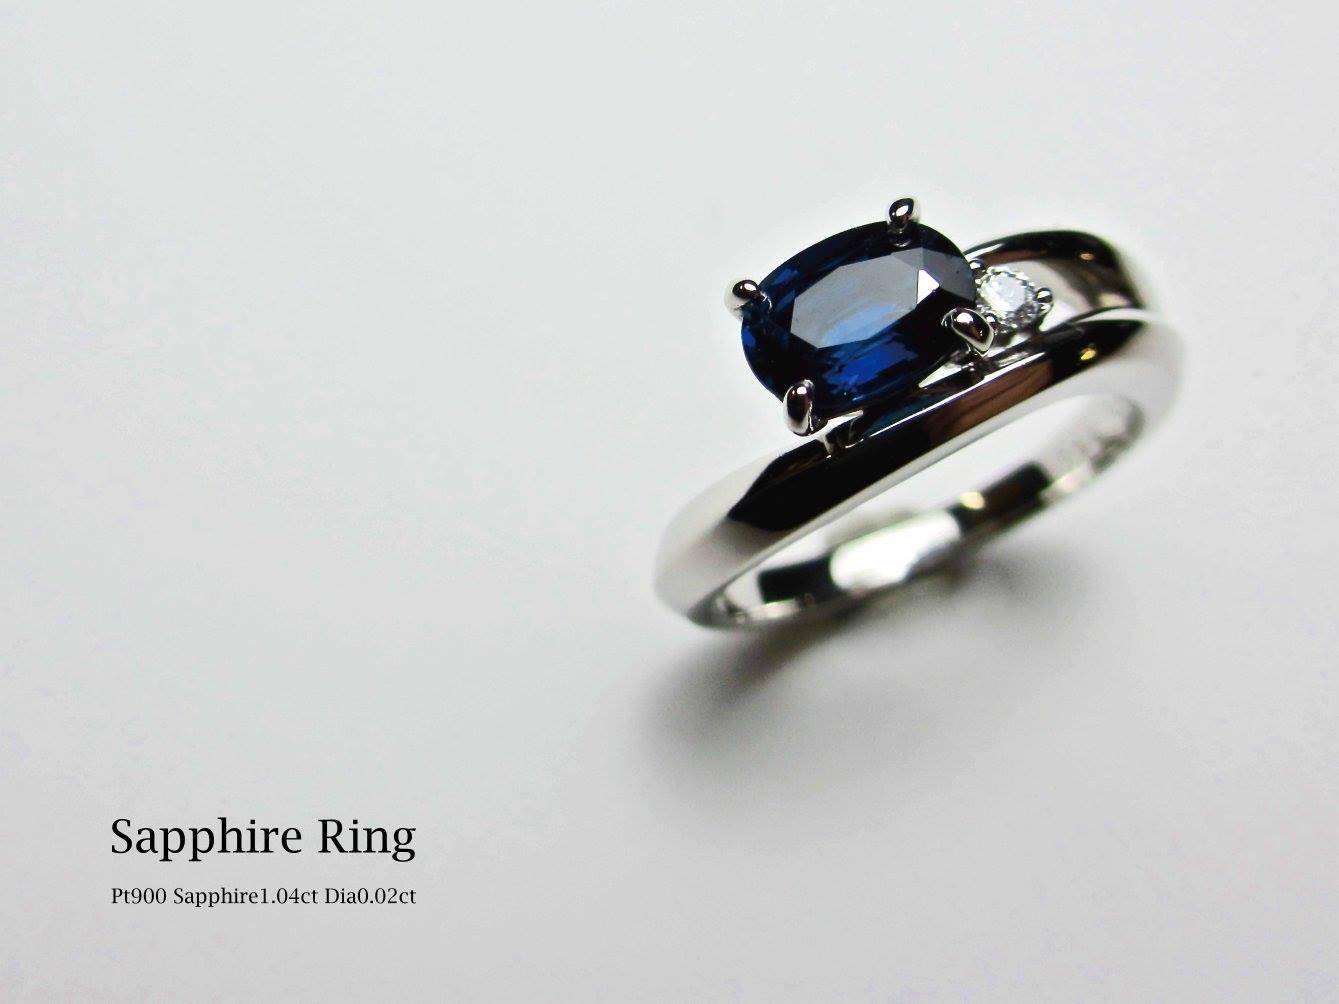 サファイア 婚約指輪 リフォームジュエリー リメイク リモデル 可愛い サプライズ 指輪 立て爪 プラチナ ダイヤモンド SAIJO 森拓郎